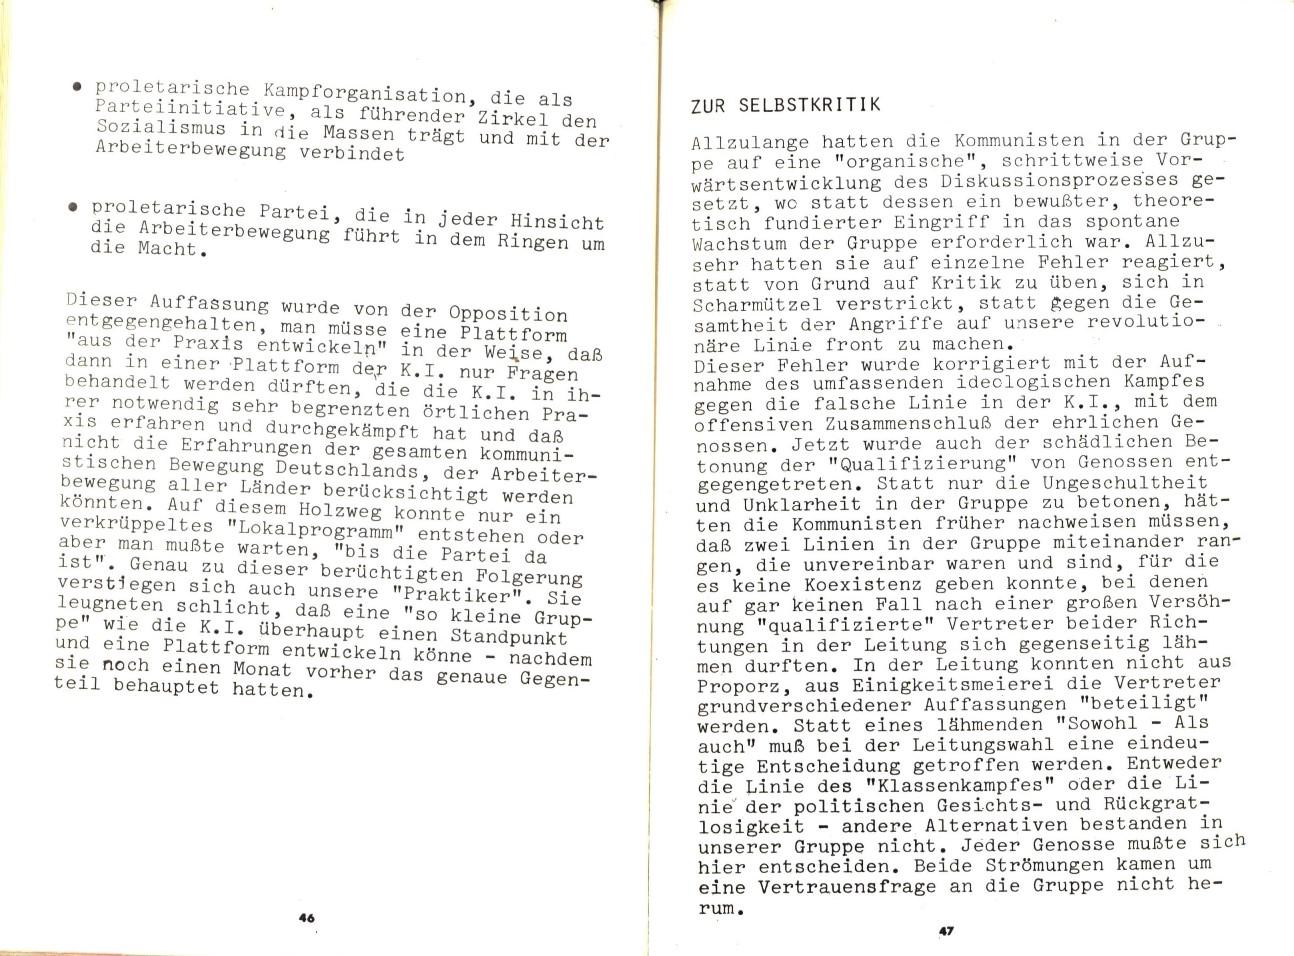 Koeln_KI_1974_Kleinbuergerei_25